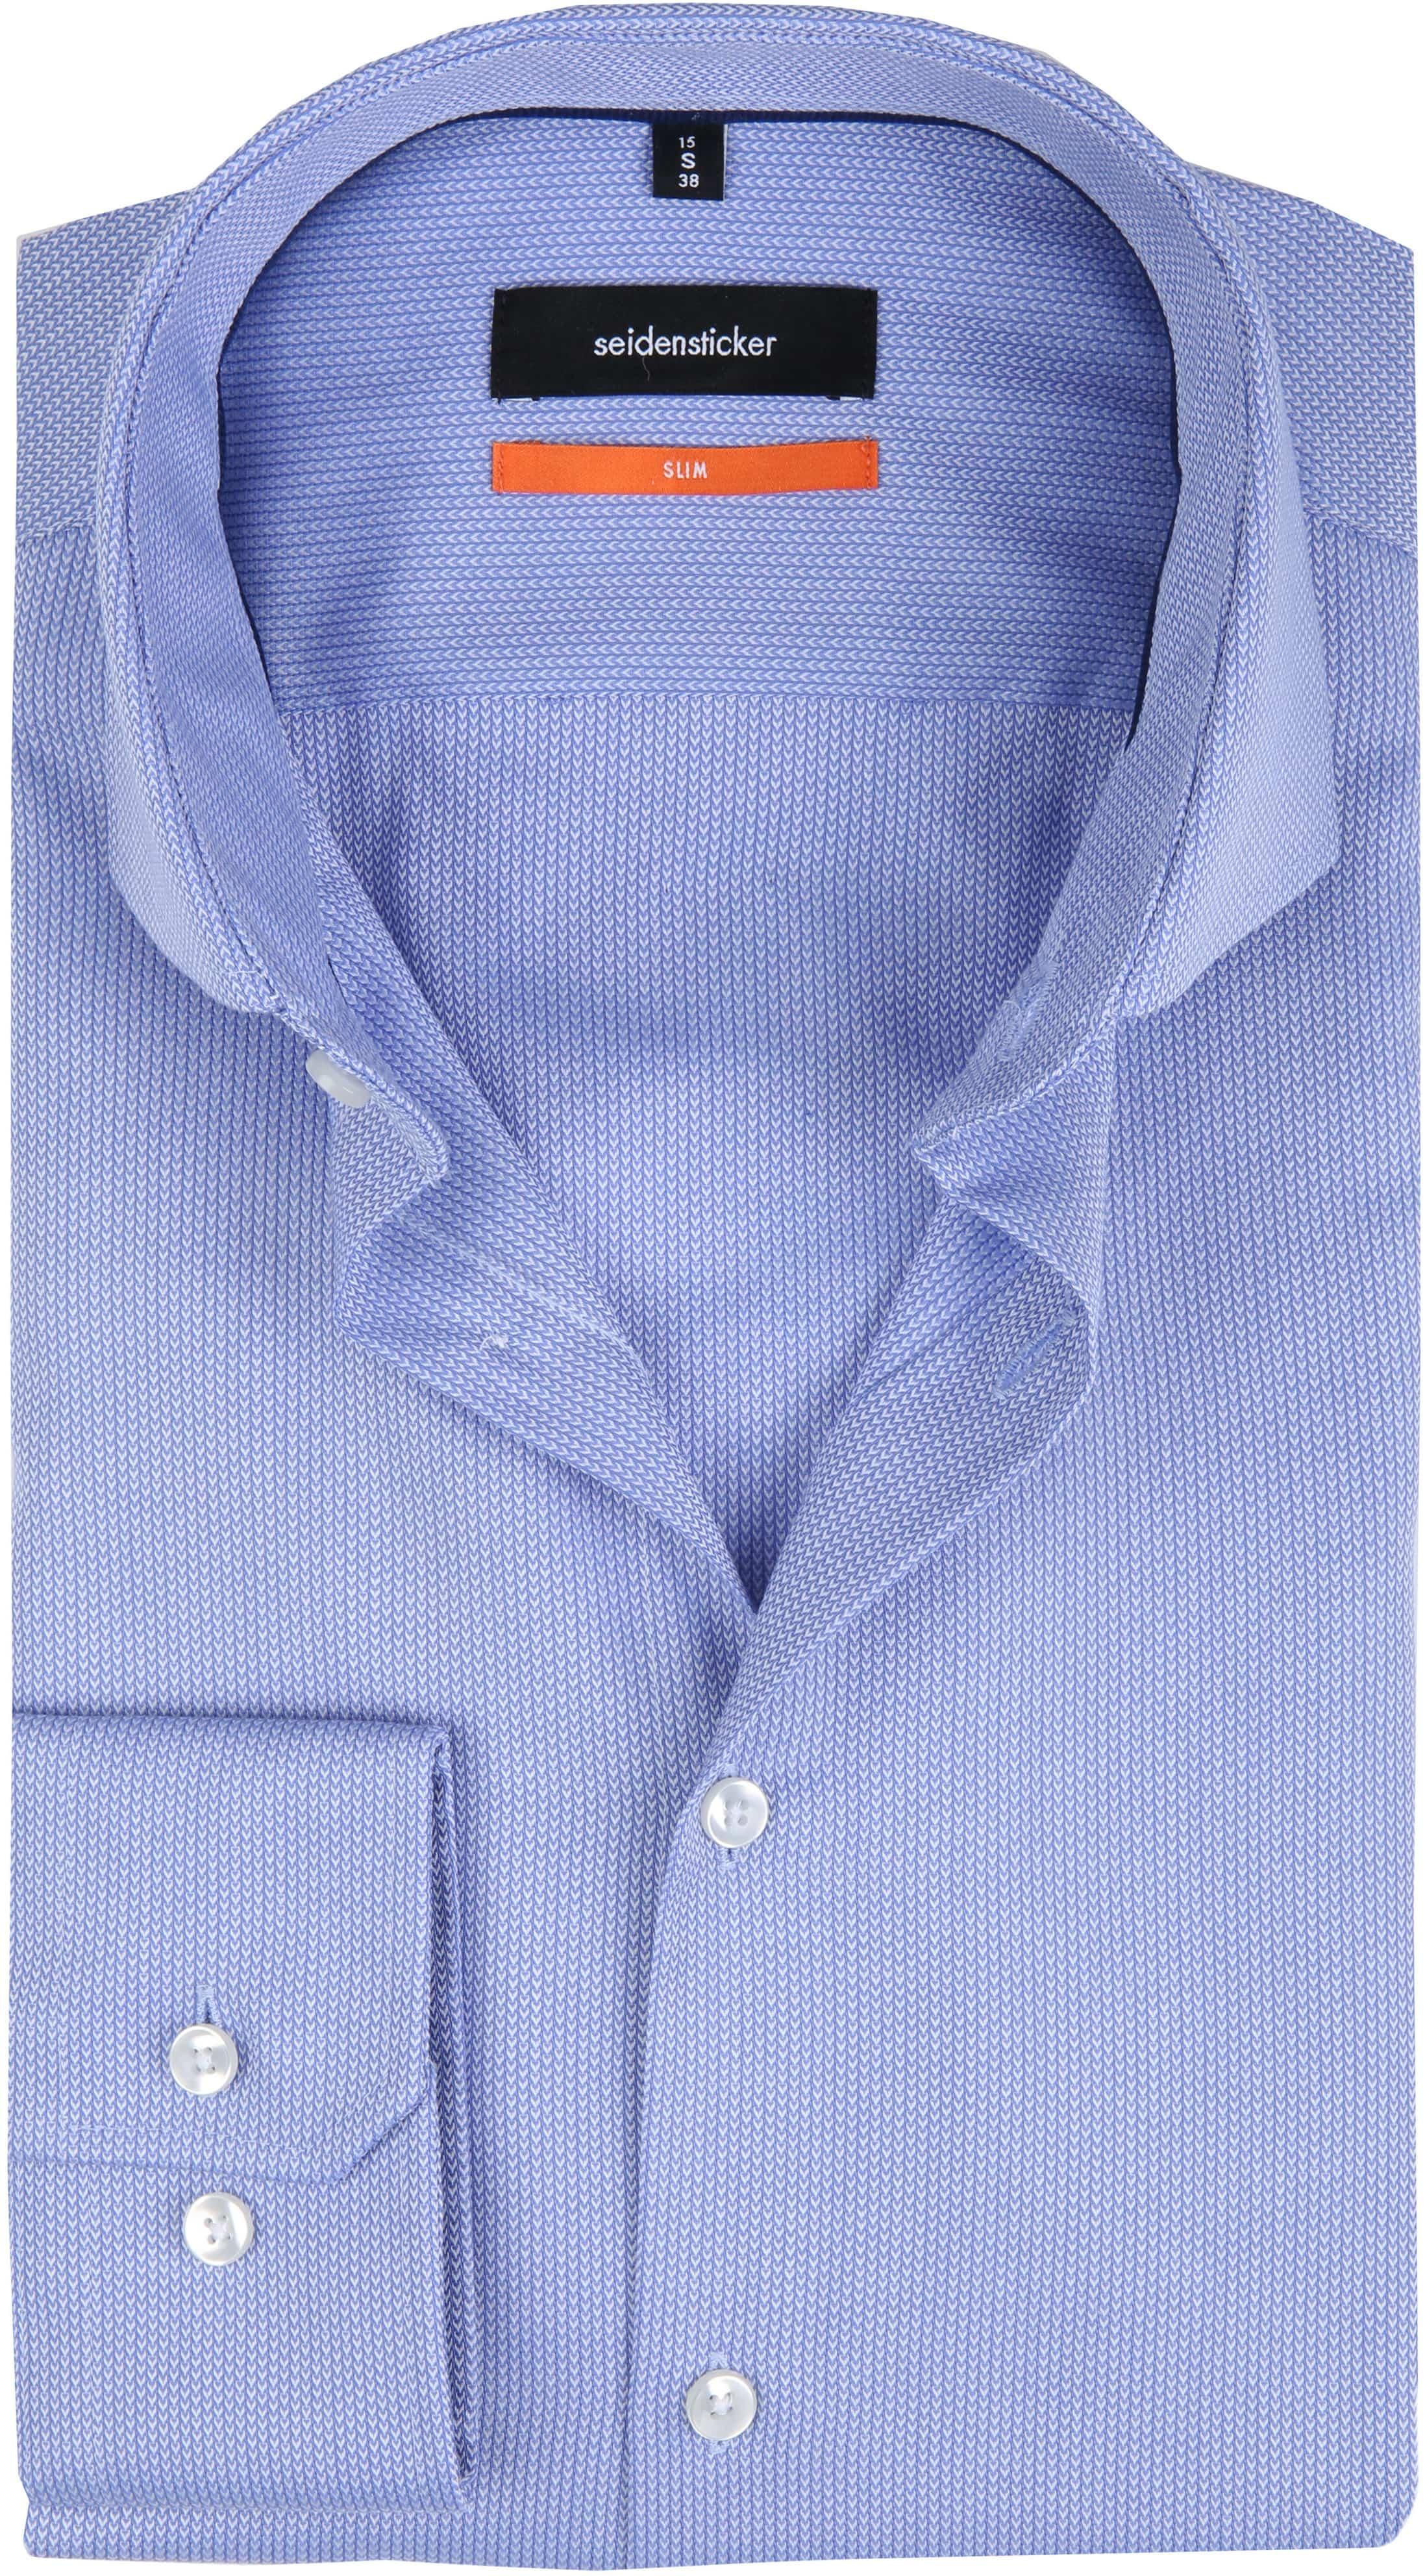 Seidensticker Overhemd SF Herring Blue foto 0